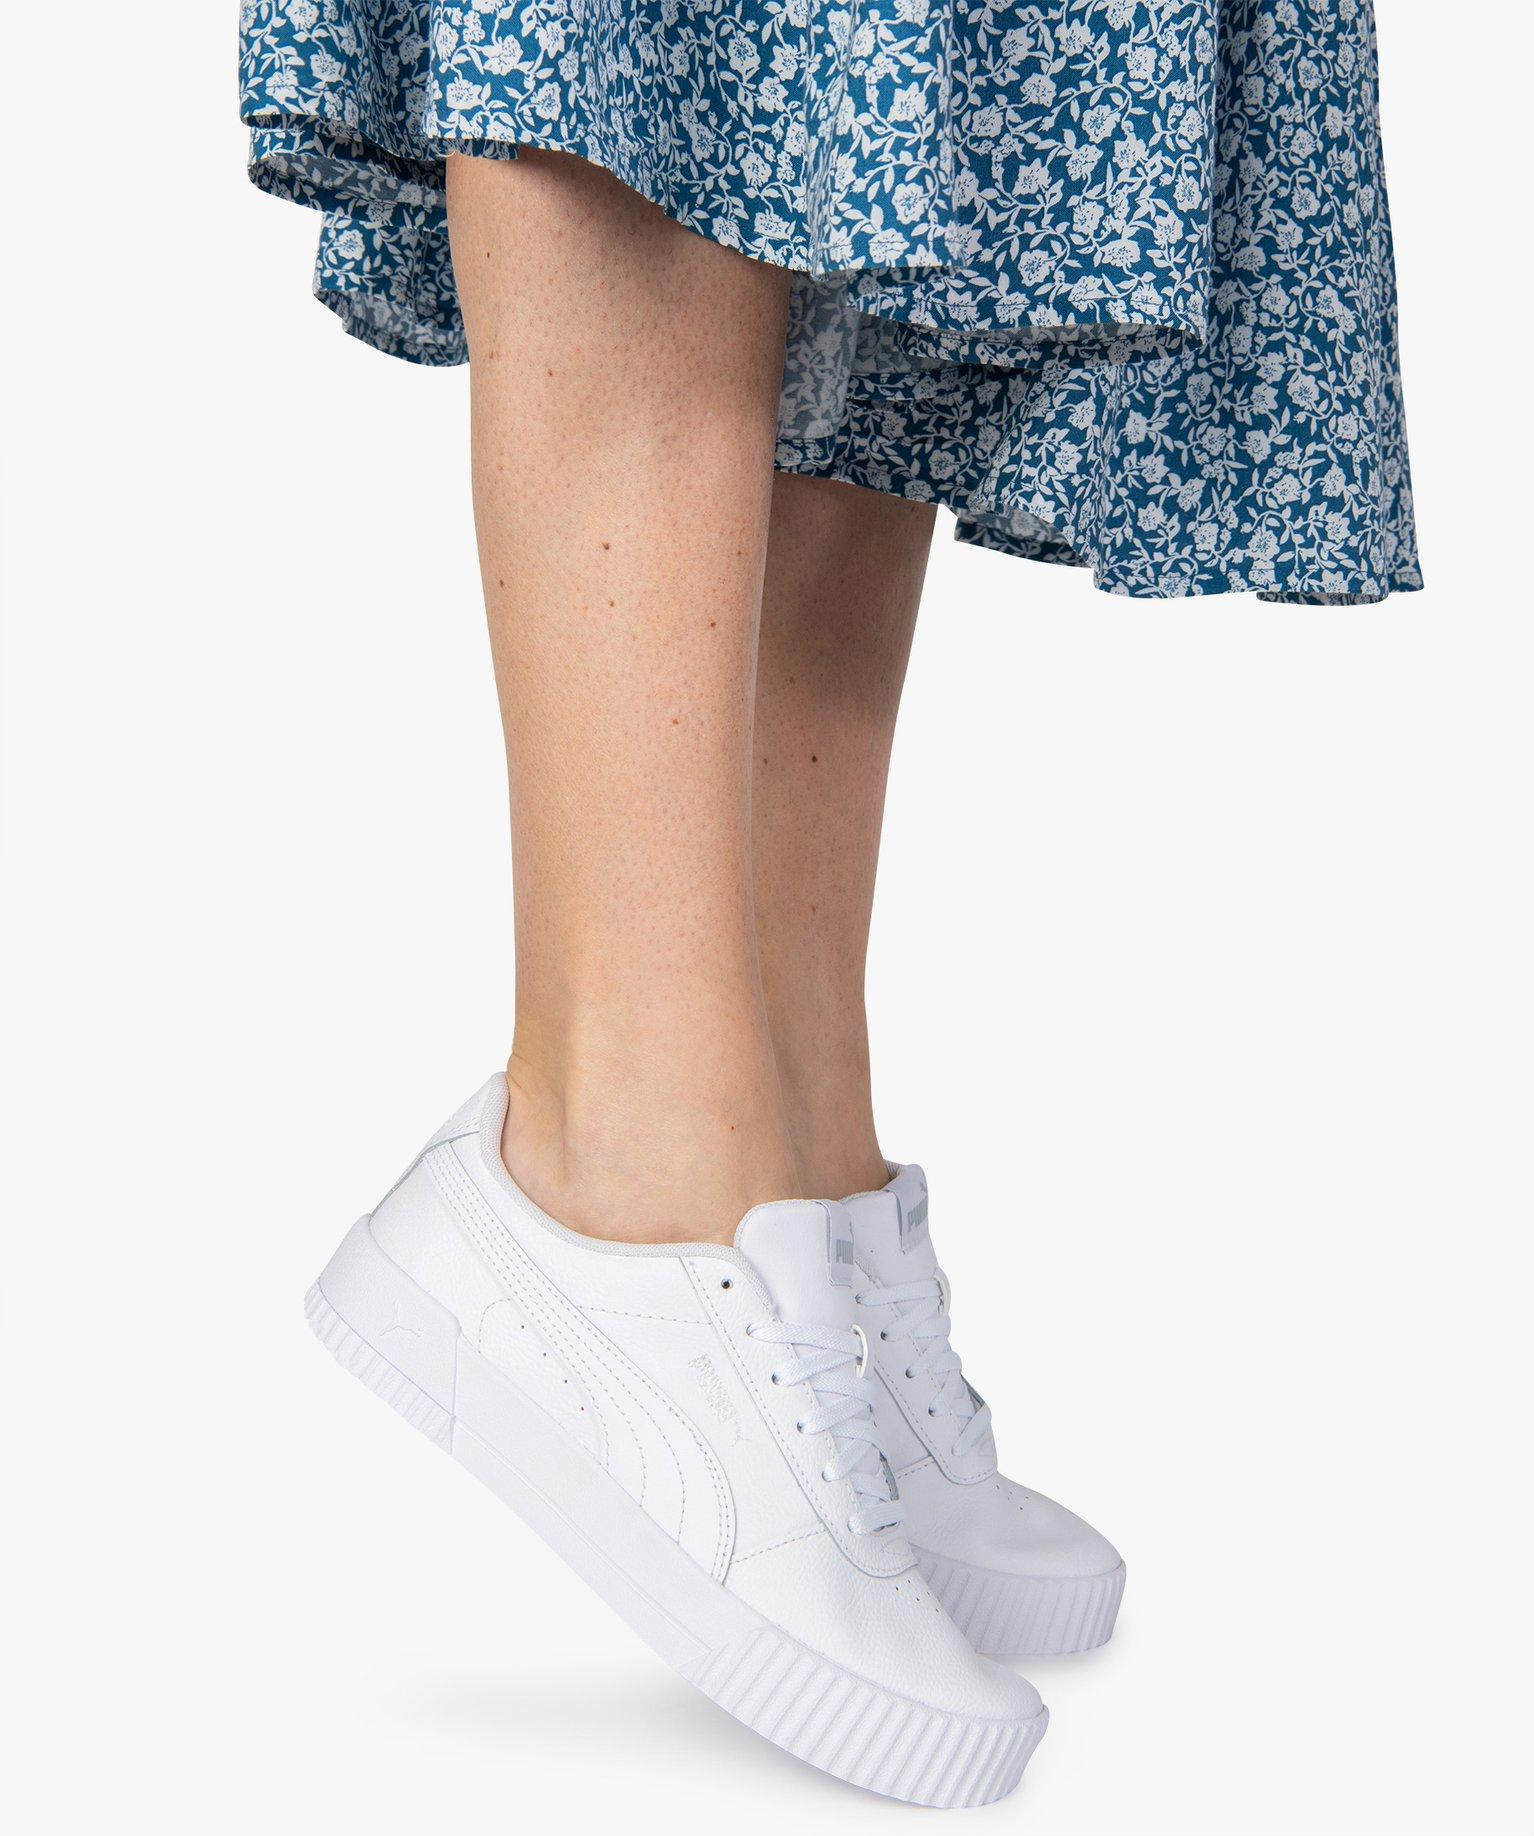 Baskets femme dessus cuir à lacets - Puma Carina L | GEMO